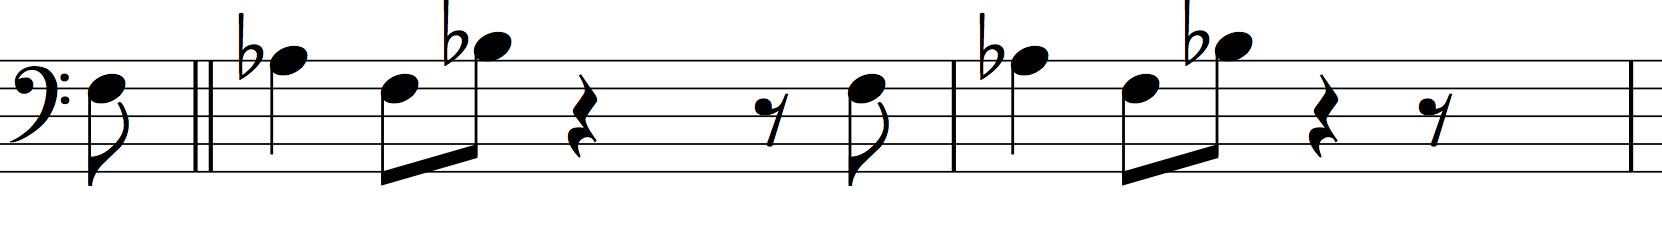 """Motif from  """"A Love Supreme""""  by  John Coltrane"""